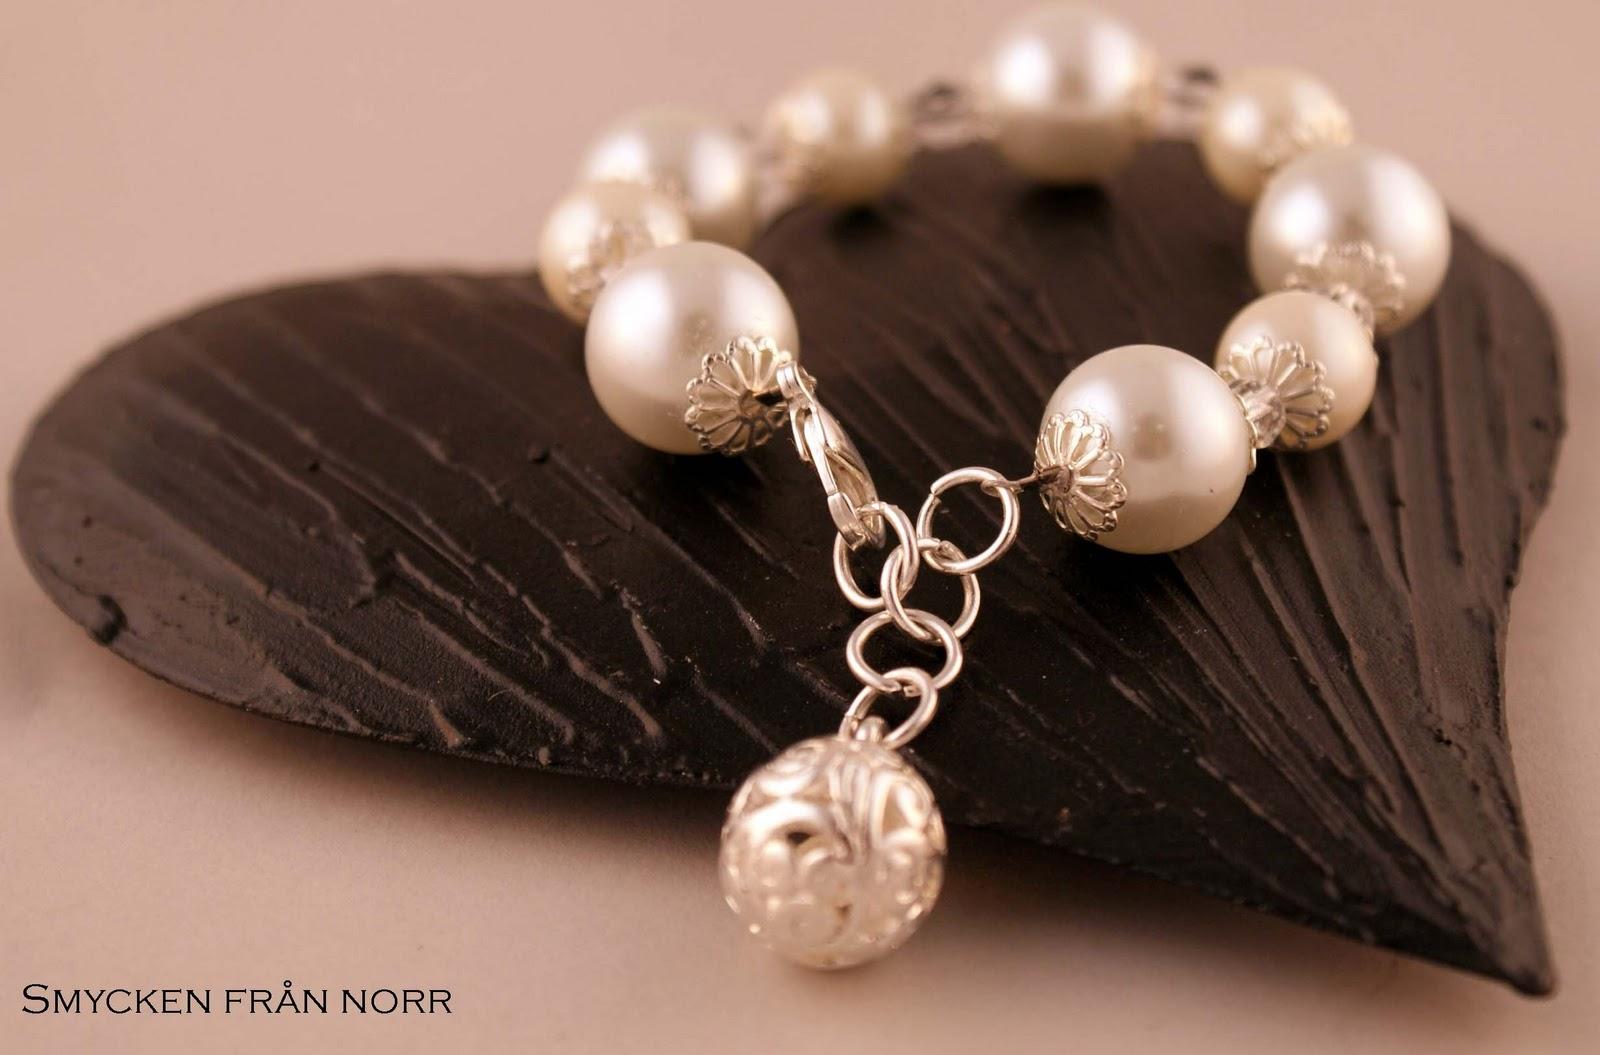 Smycken från norr  2010-11-07 - 2010-11-14 b46460b2893f4